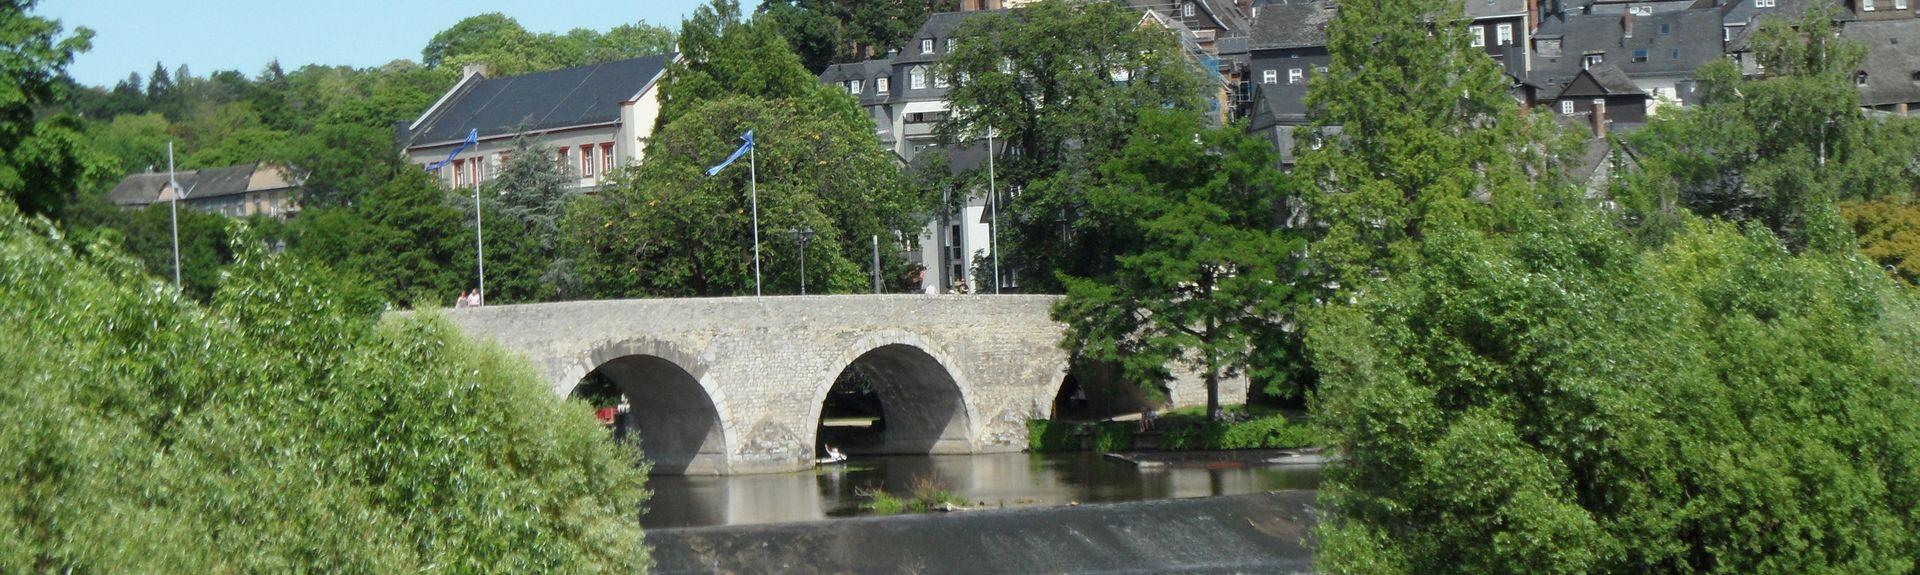 Bischoffen, Germany